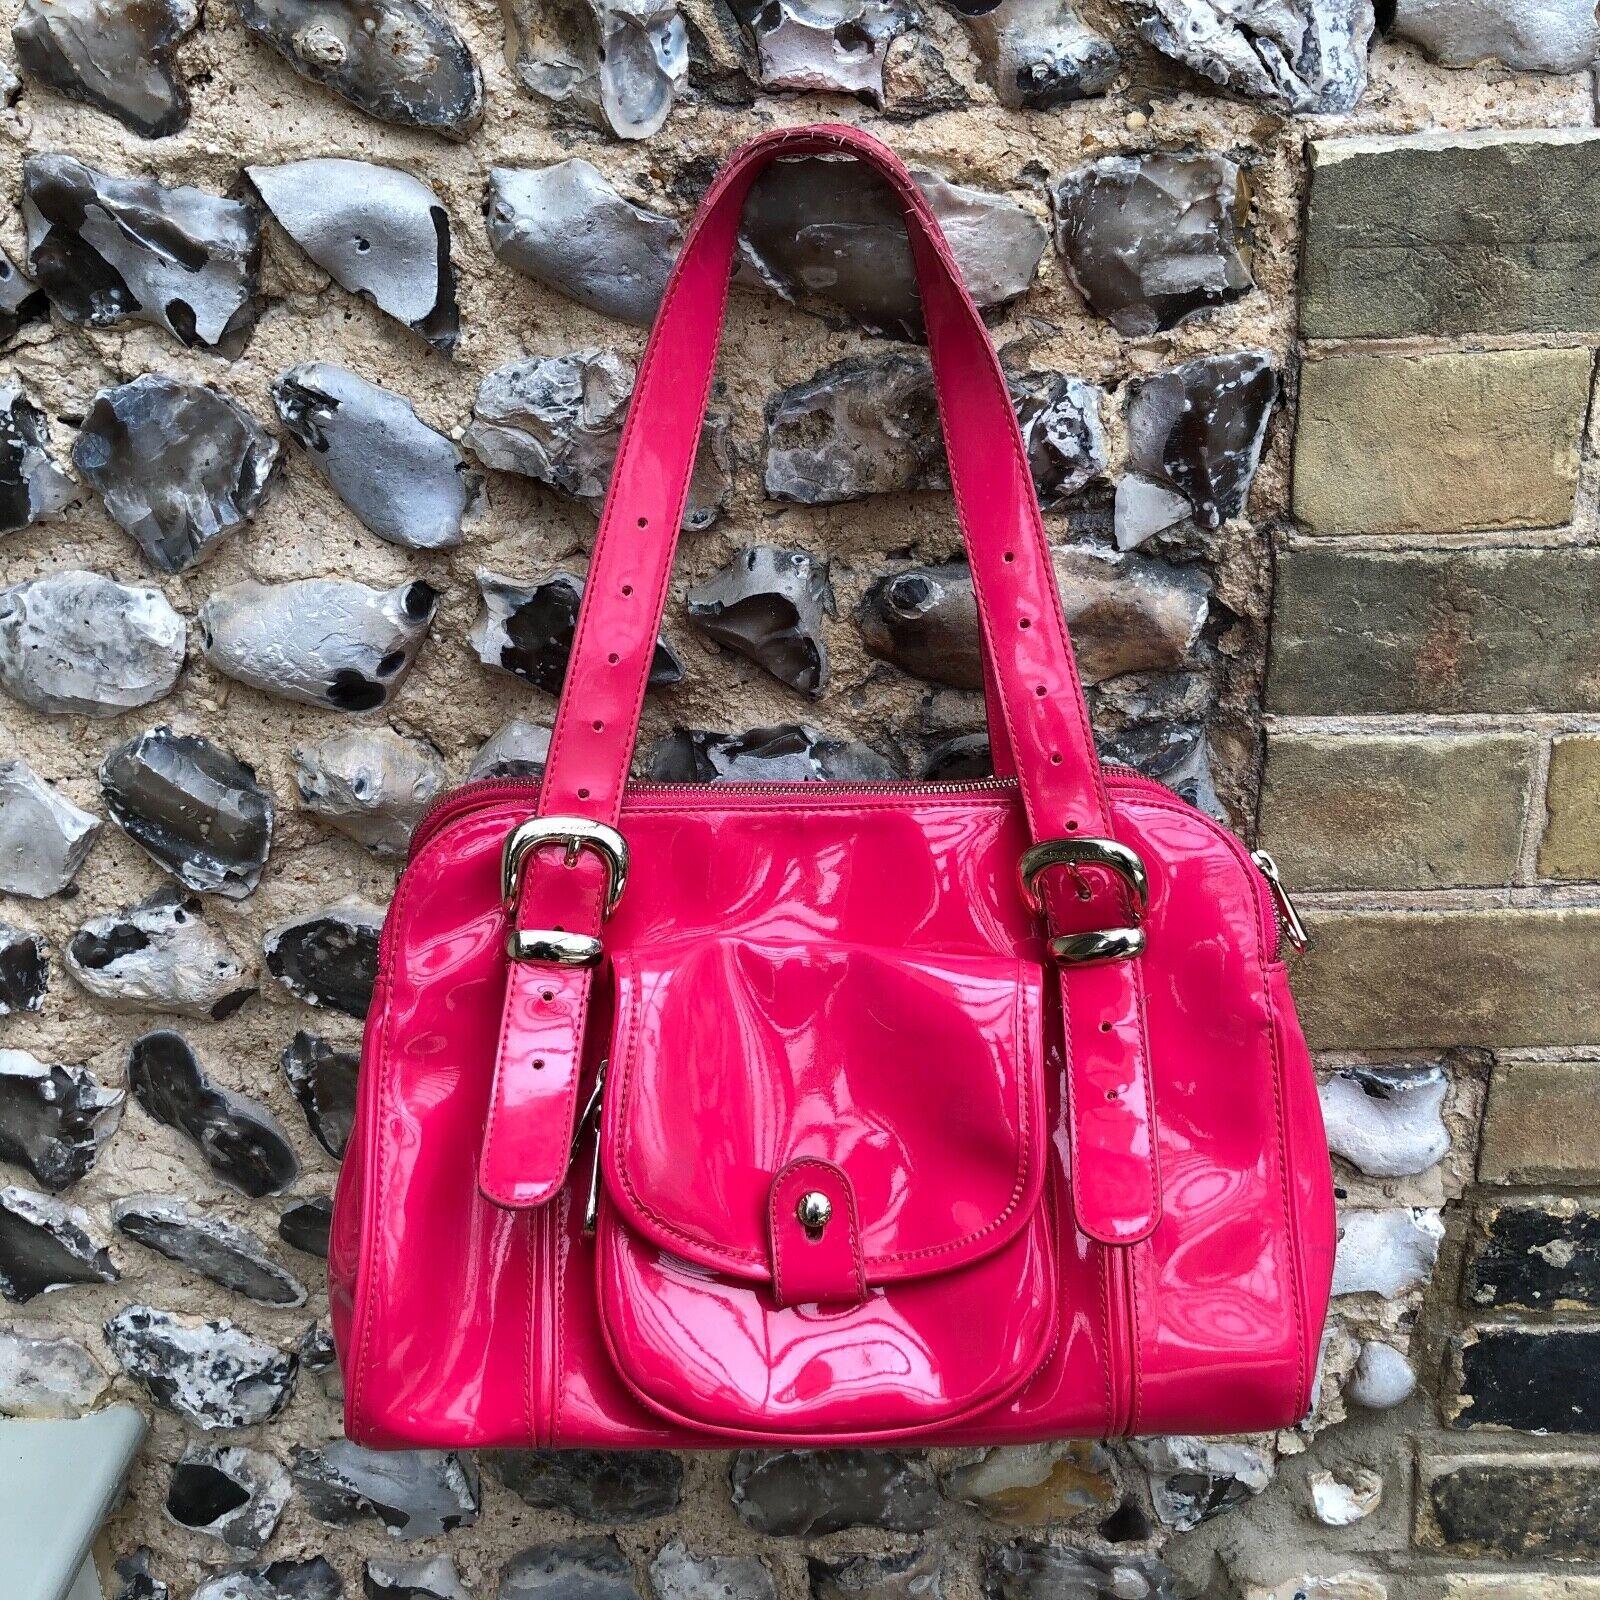 Ted Baker Shoulder Underarm Bag Handbag PVC Pink Gold Zip Up Medium Plastic